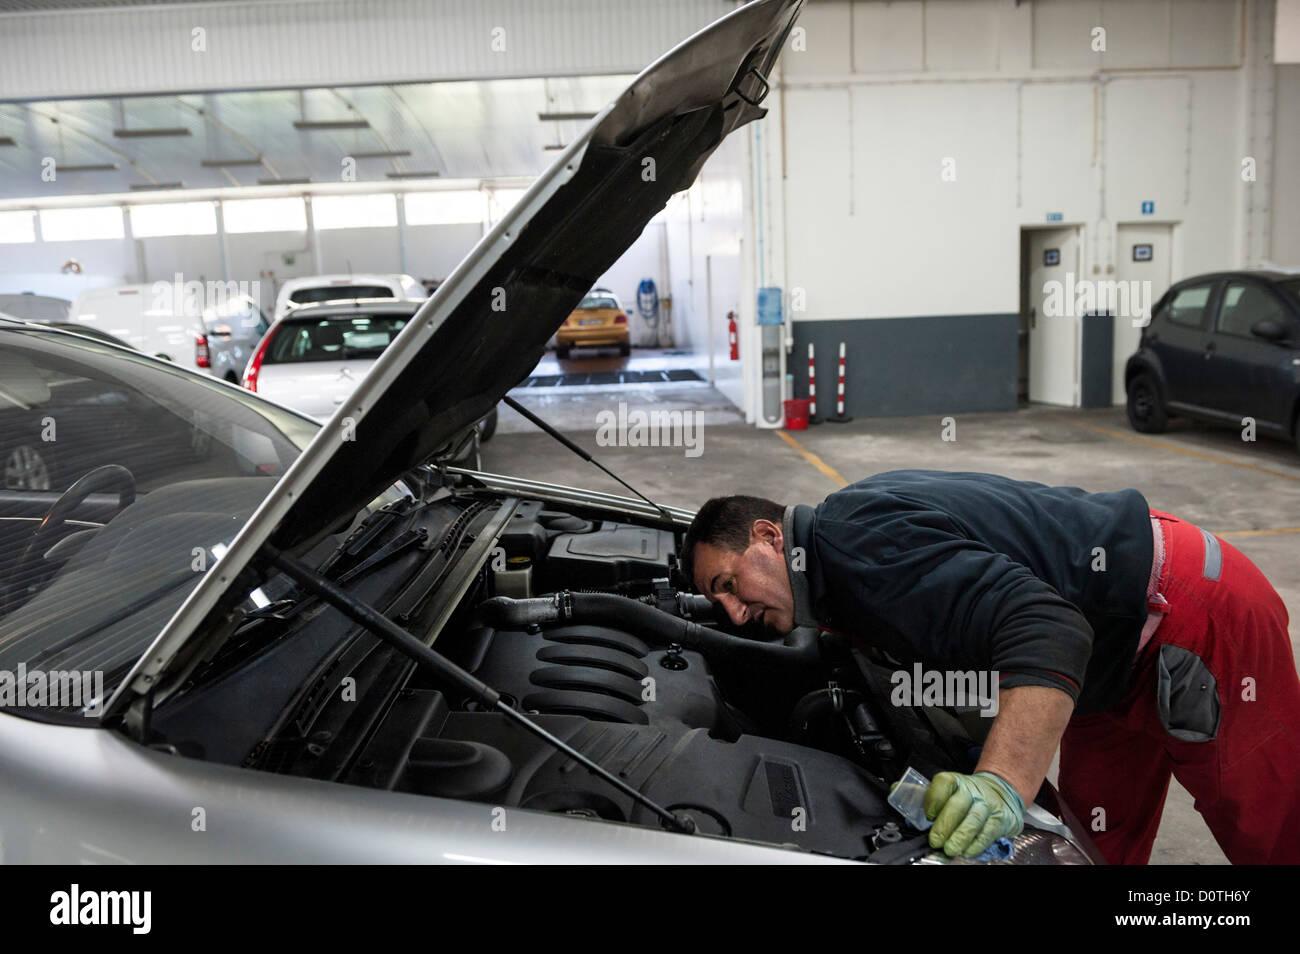 Kfz-Mechaniker prüfen Motor in Autowerkstatt Stockbild